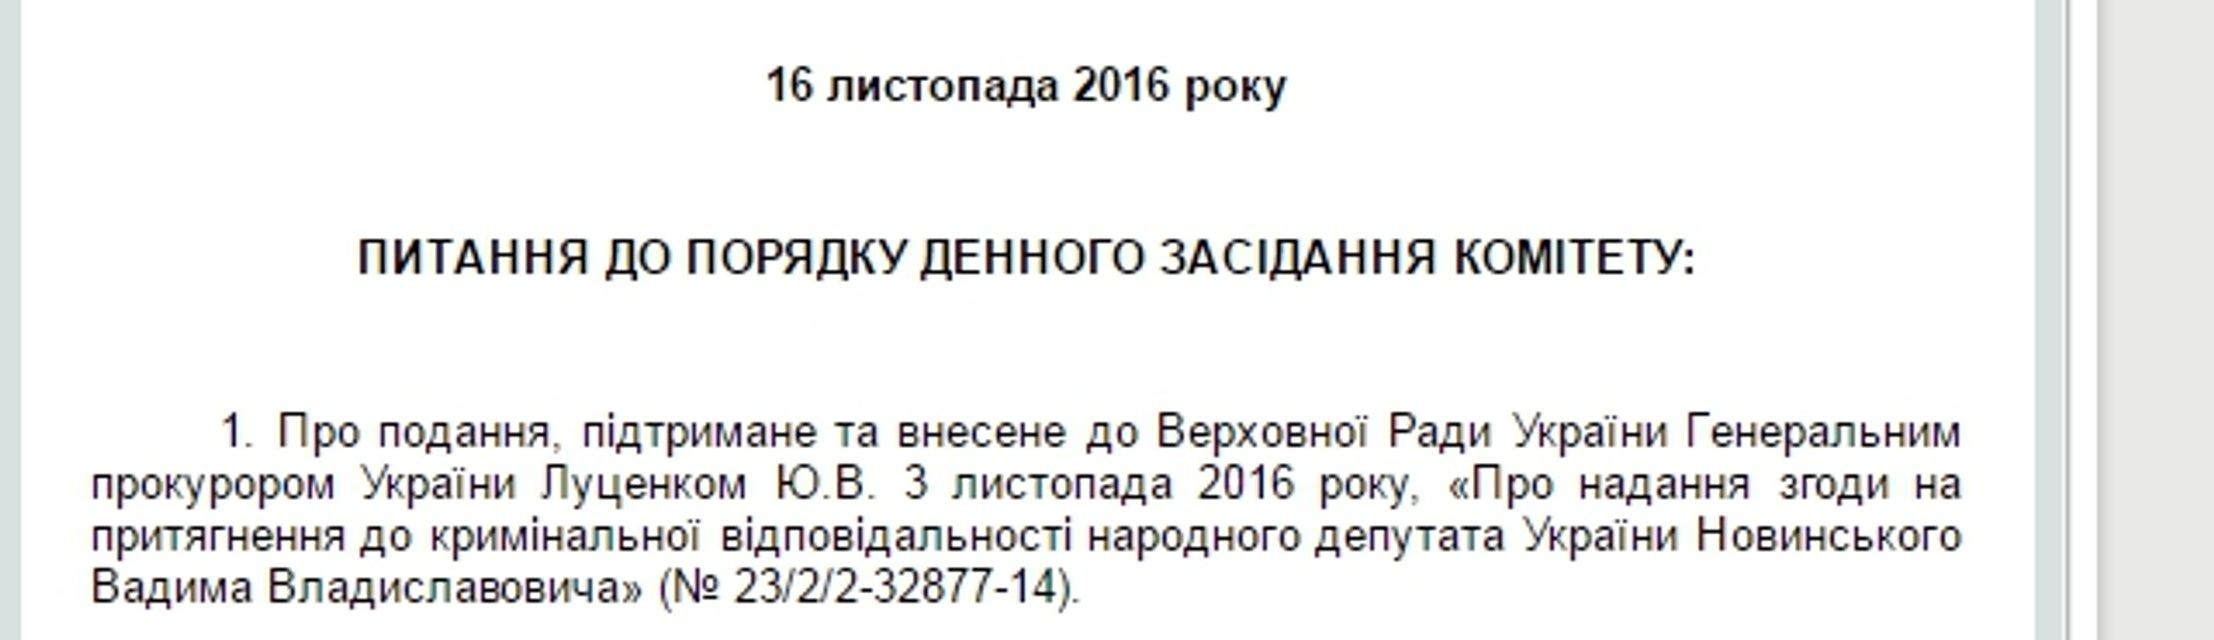 Регламентный комитет Верховной Рады рассмотрит вопрос Новинского в среду - фото 21344